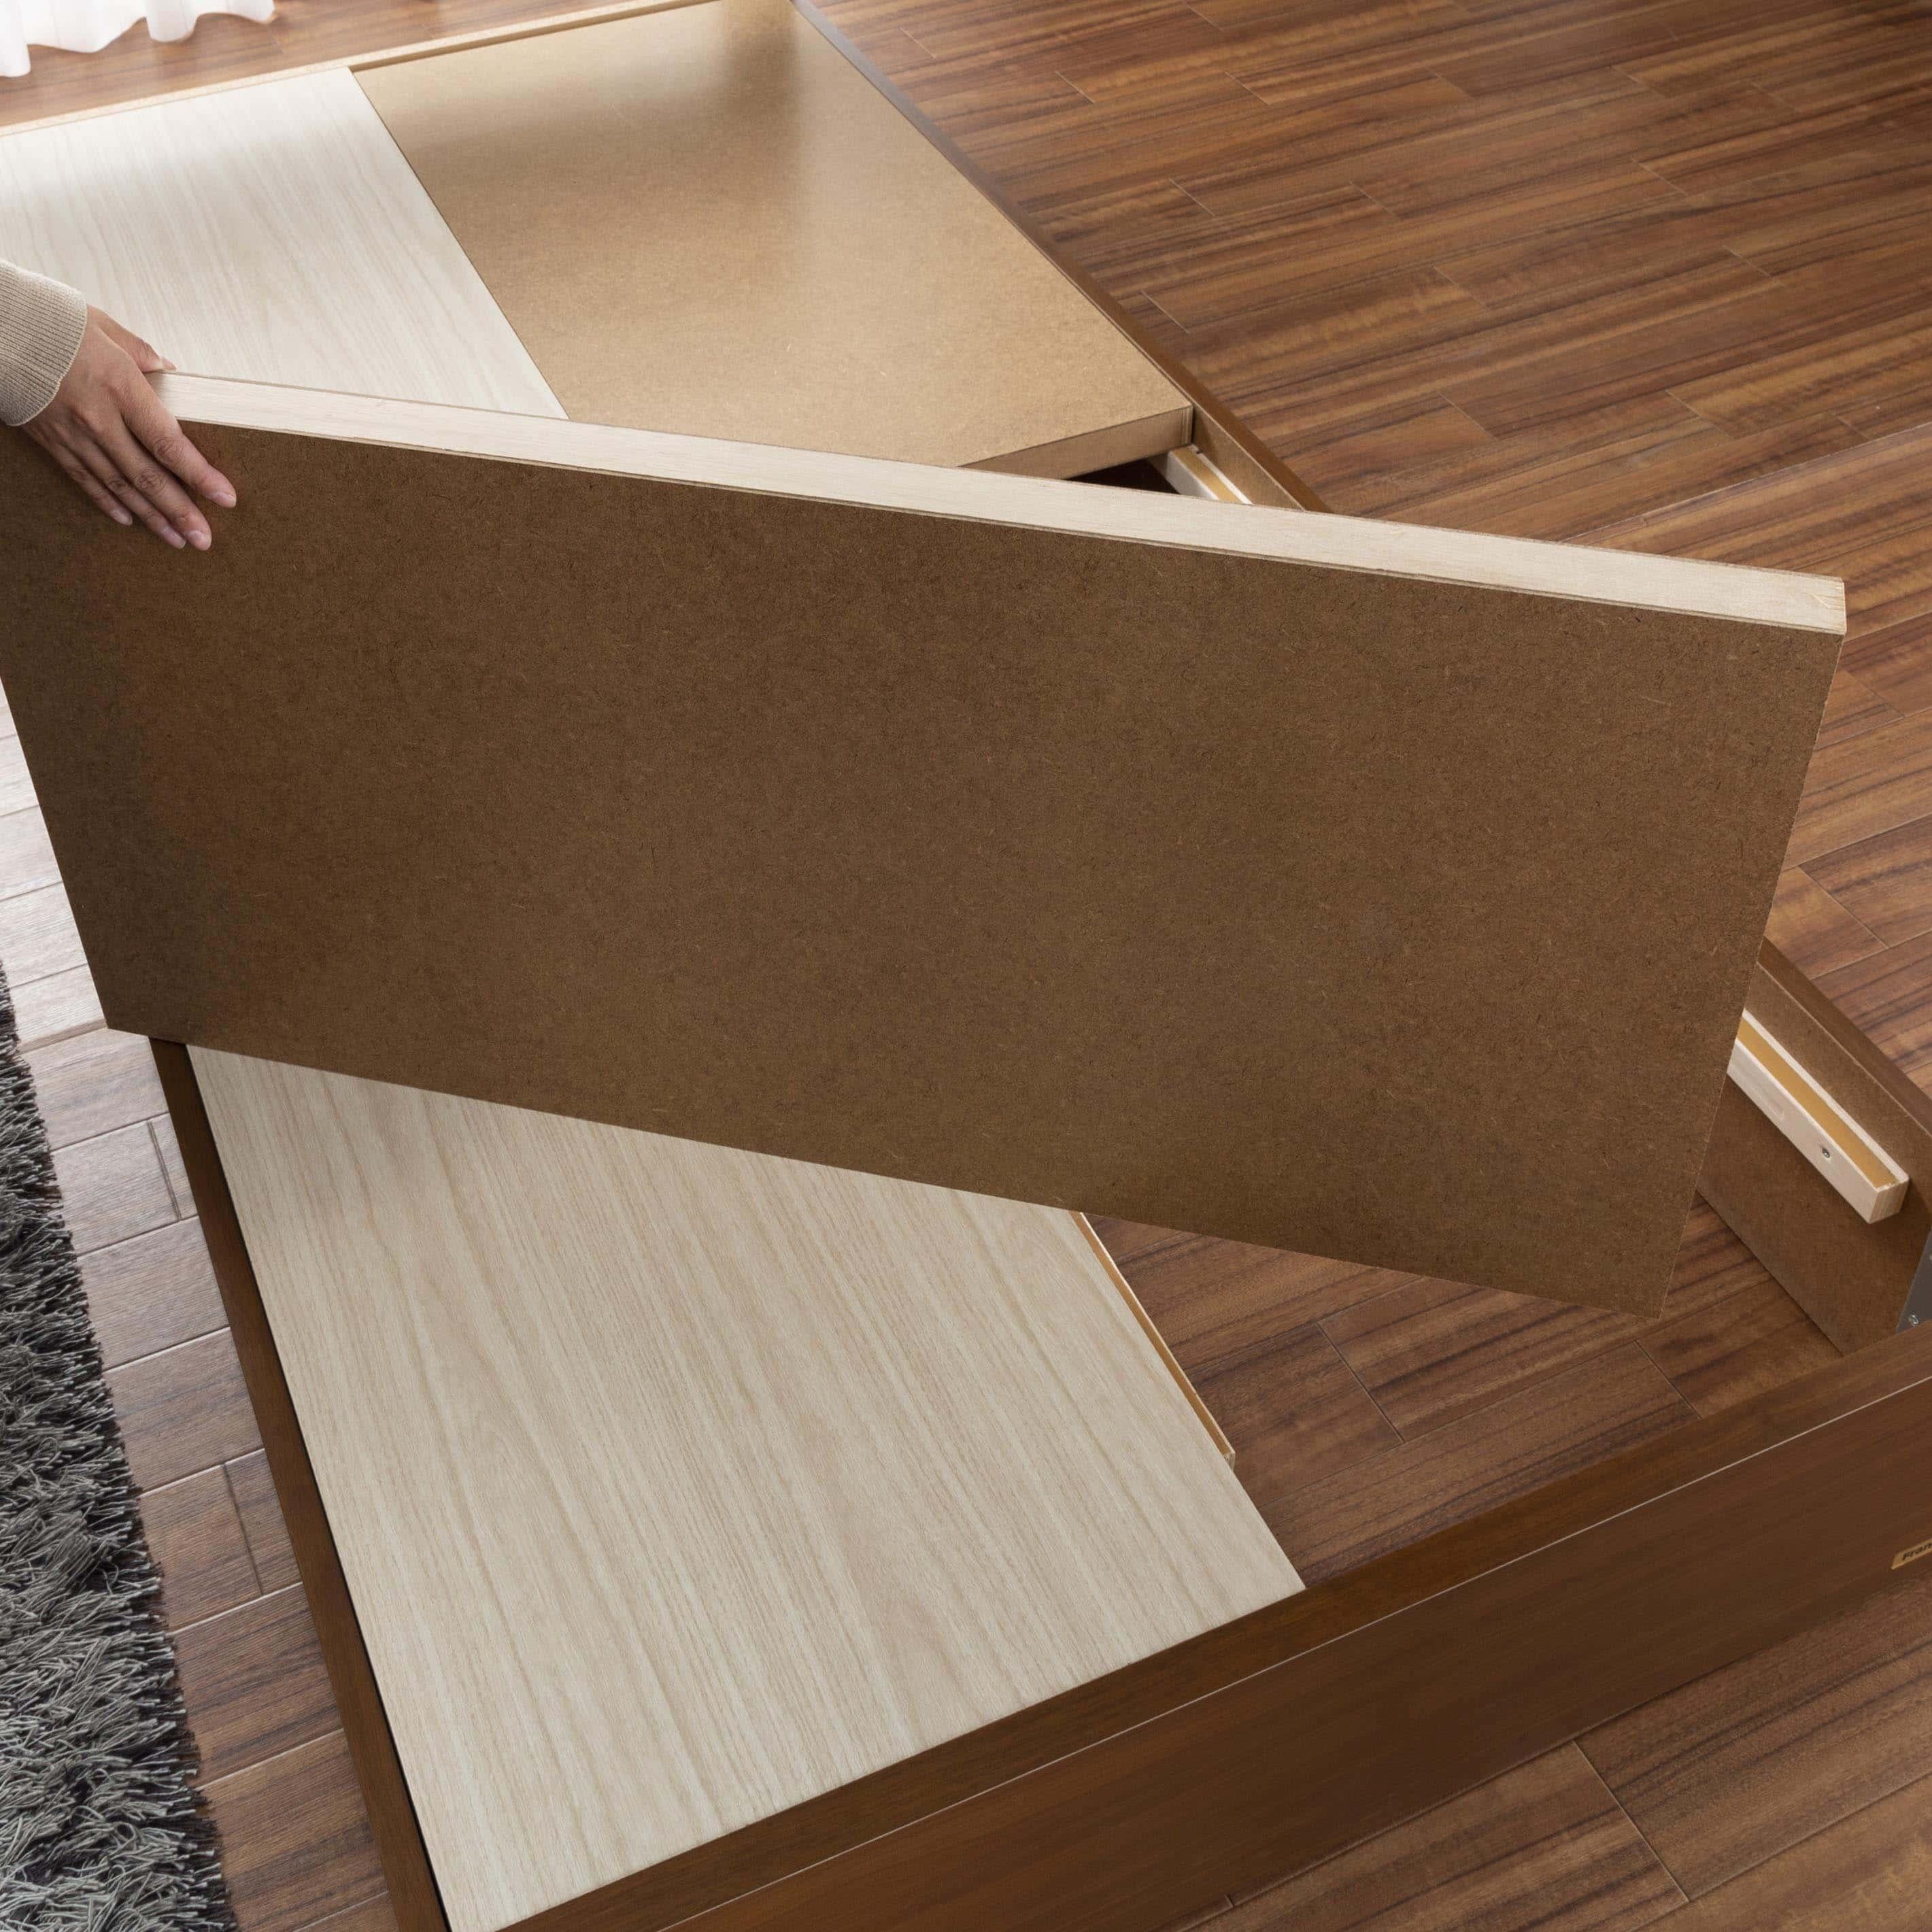 シングルベッド コスモプラス(白木目)/シルバー800DX3(BL):しっかり安定感のある床板